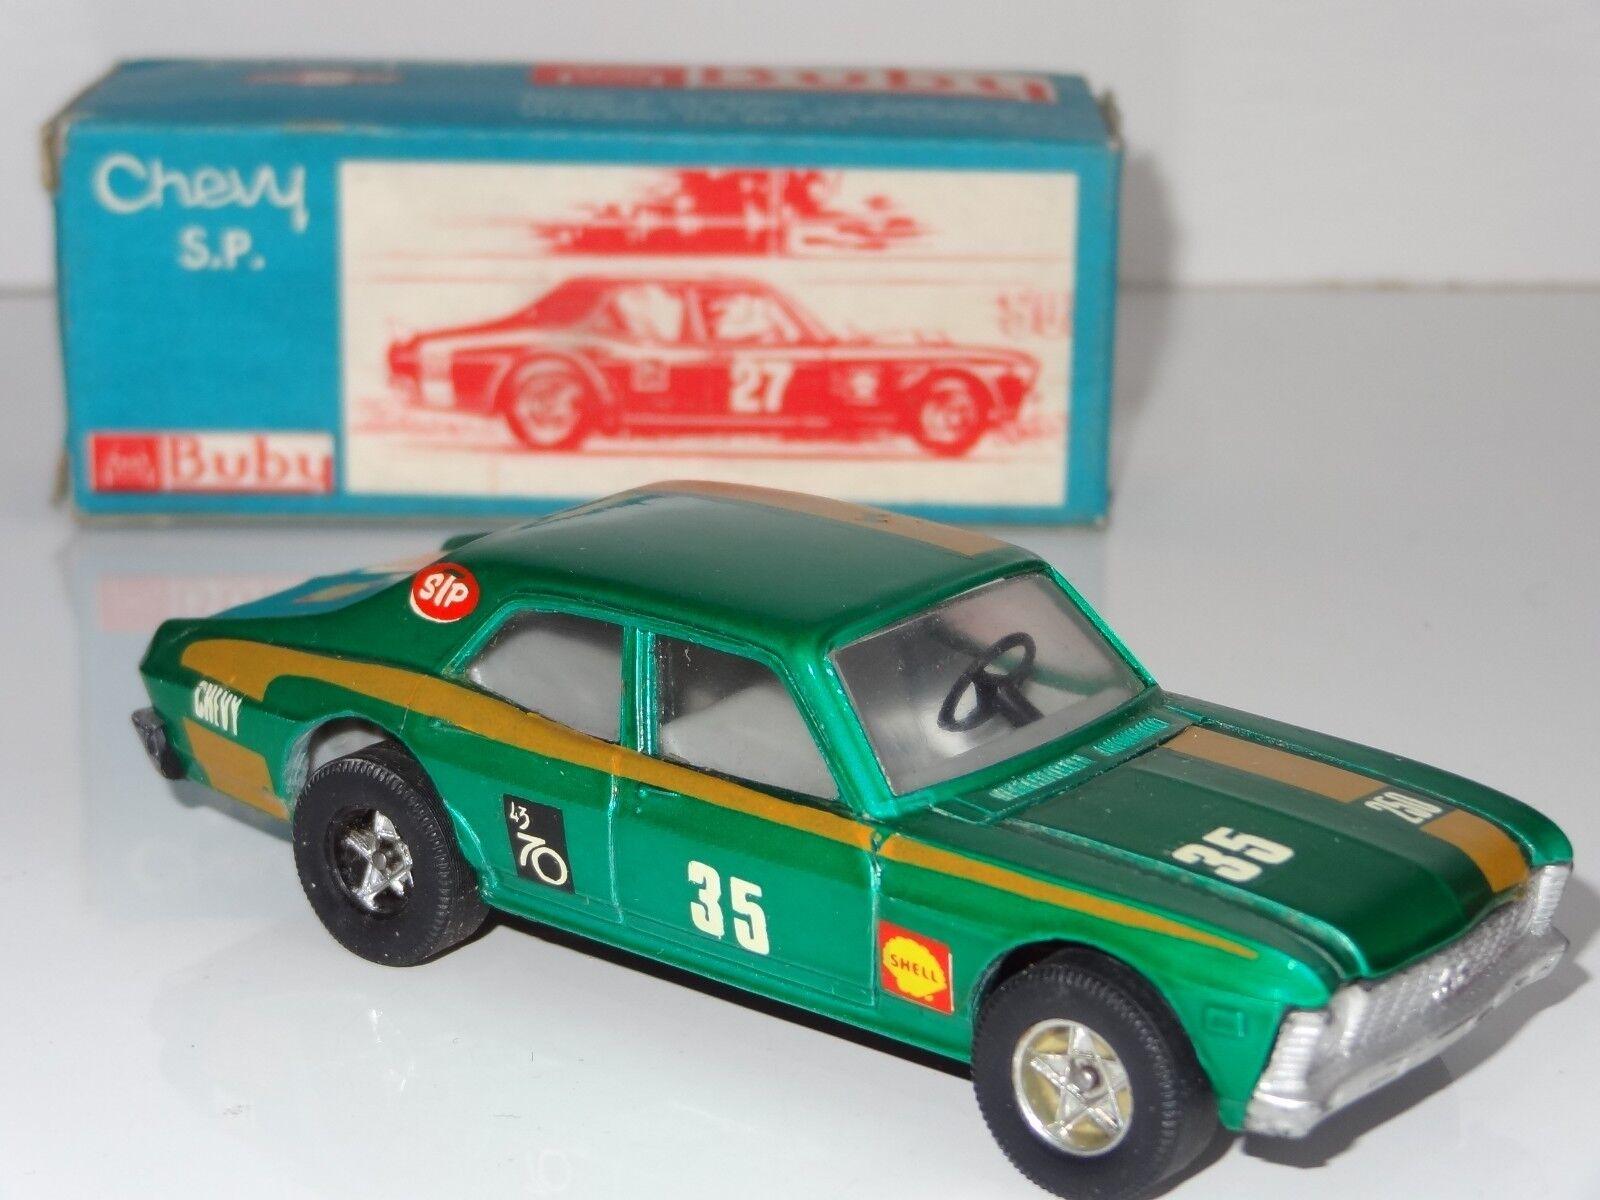 (S) buby toys silverina - CHEVROLET CHEVY SP  - 1033